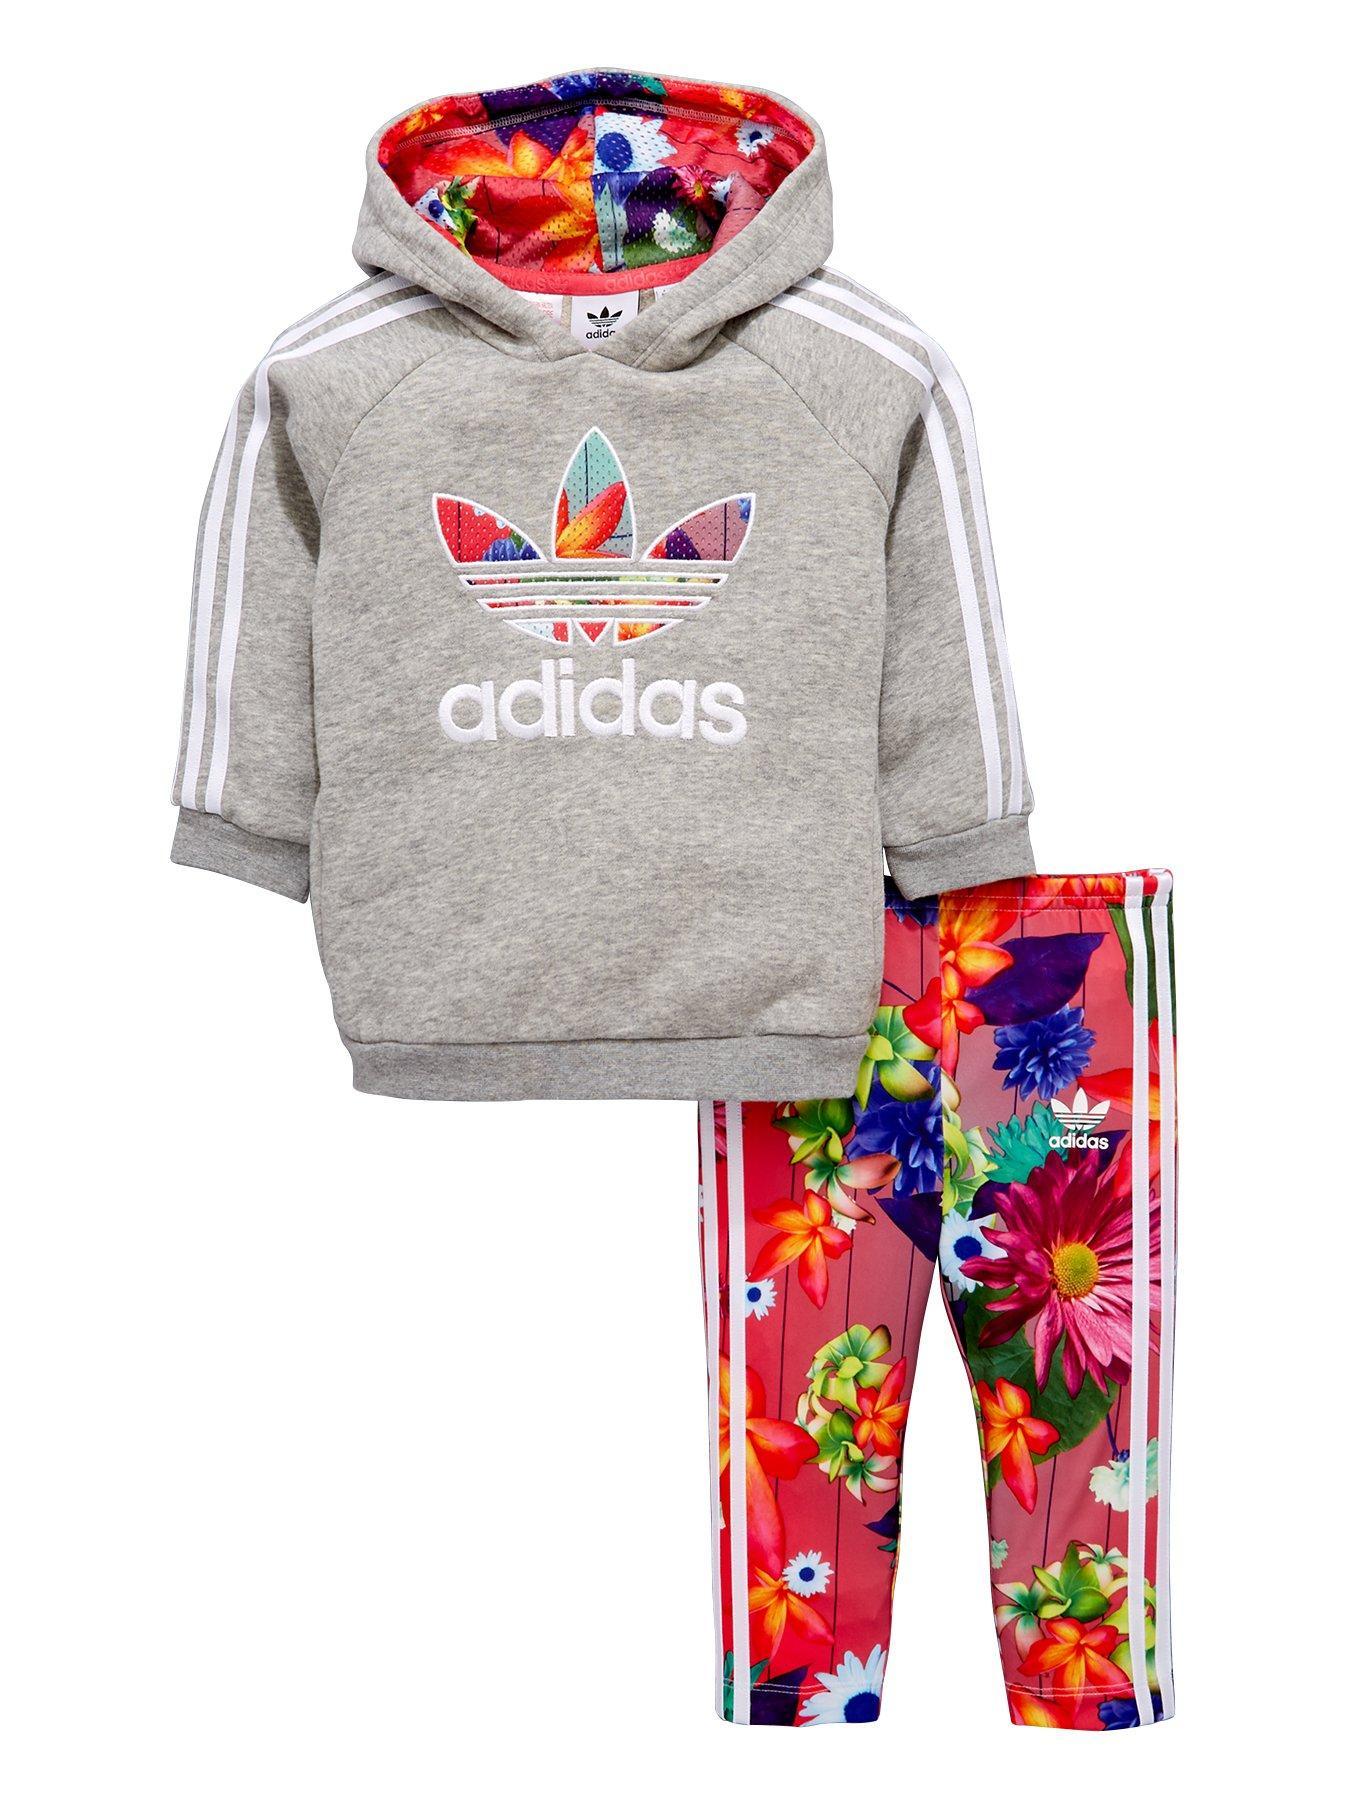 adidas originali adidas originali bambina floreale di trifoglio con cappuccio